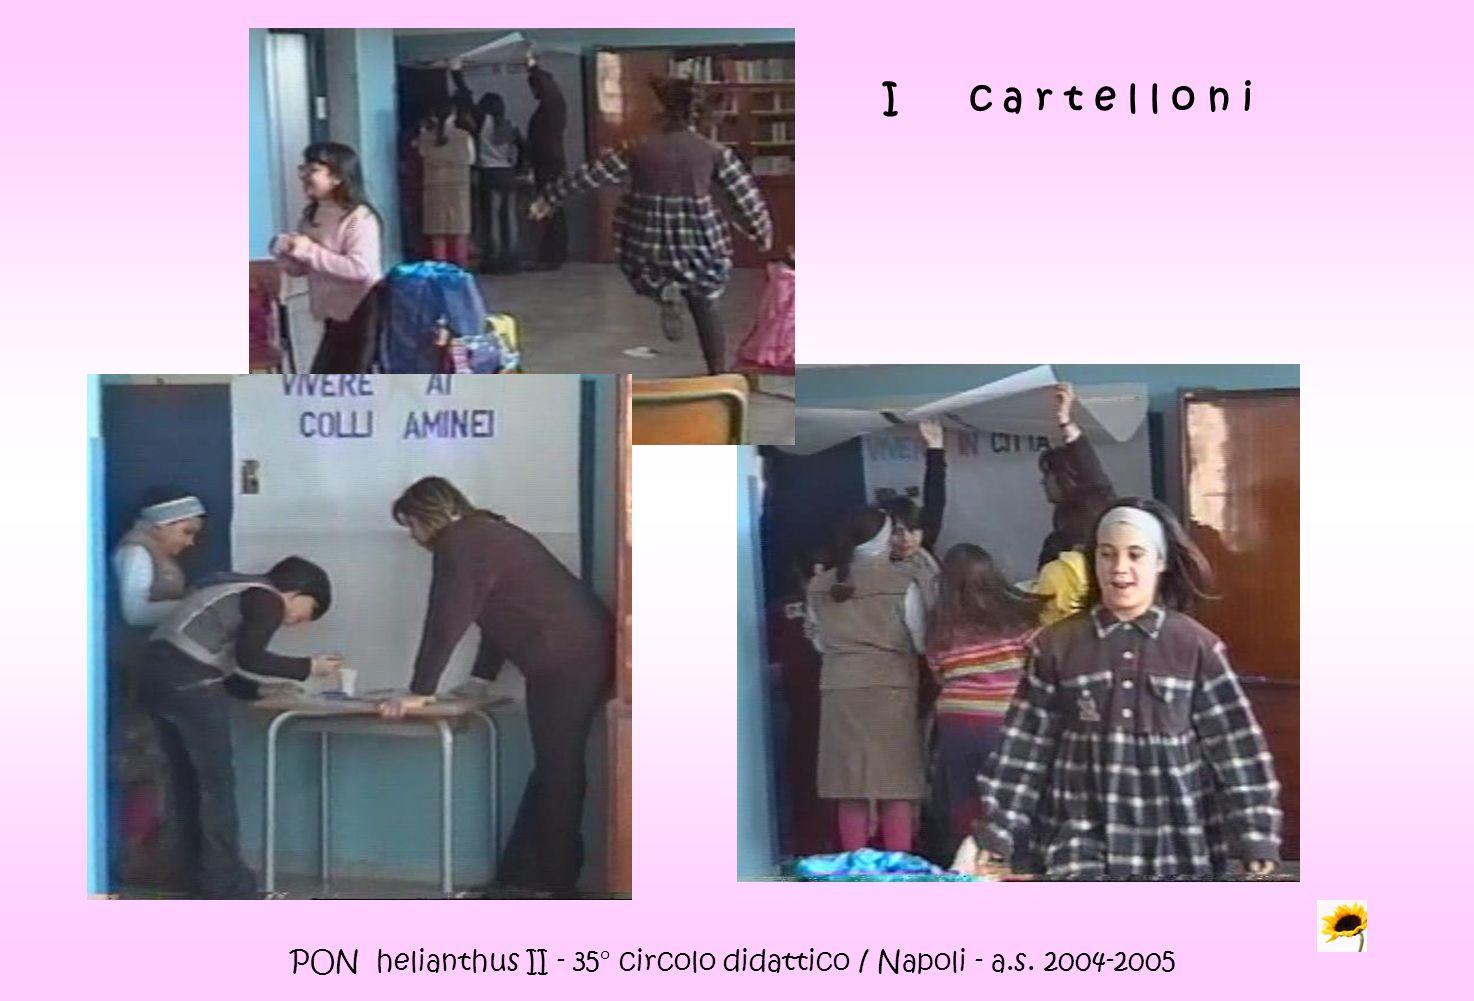 PON helianthus II - 35° circolo didattico / Napoli - a.s. 2004-2005 I c a r t e l l o n i